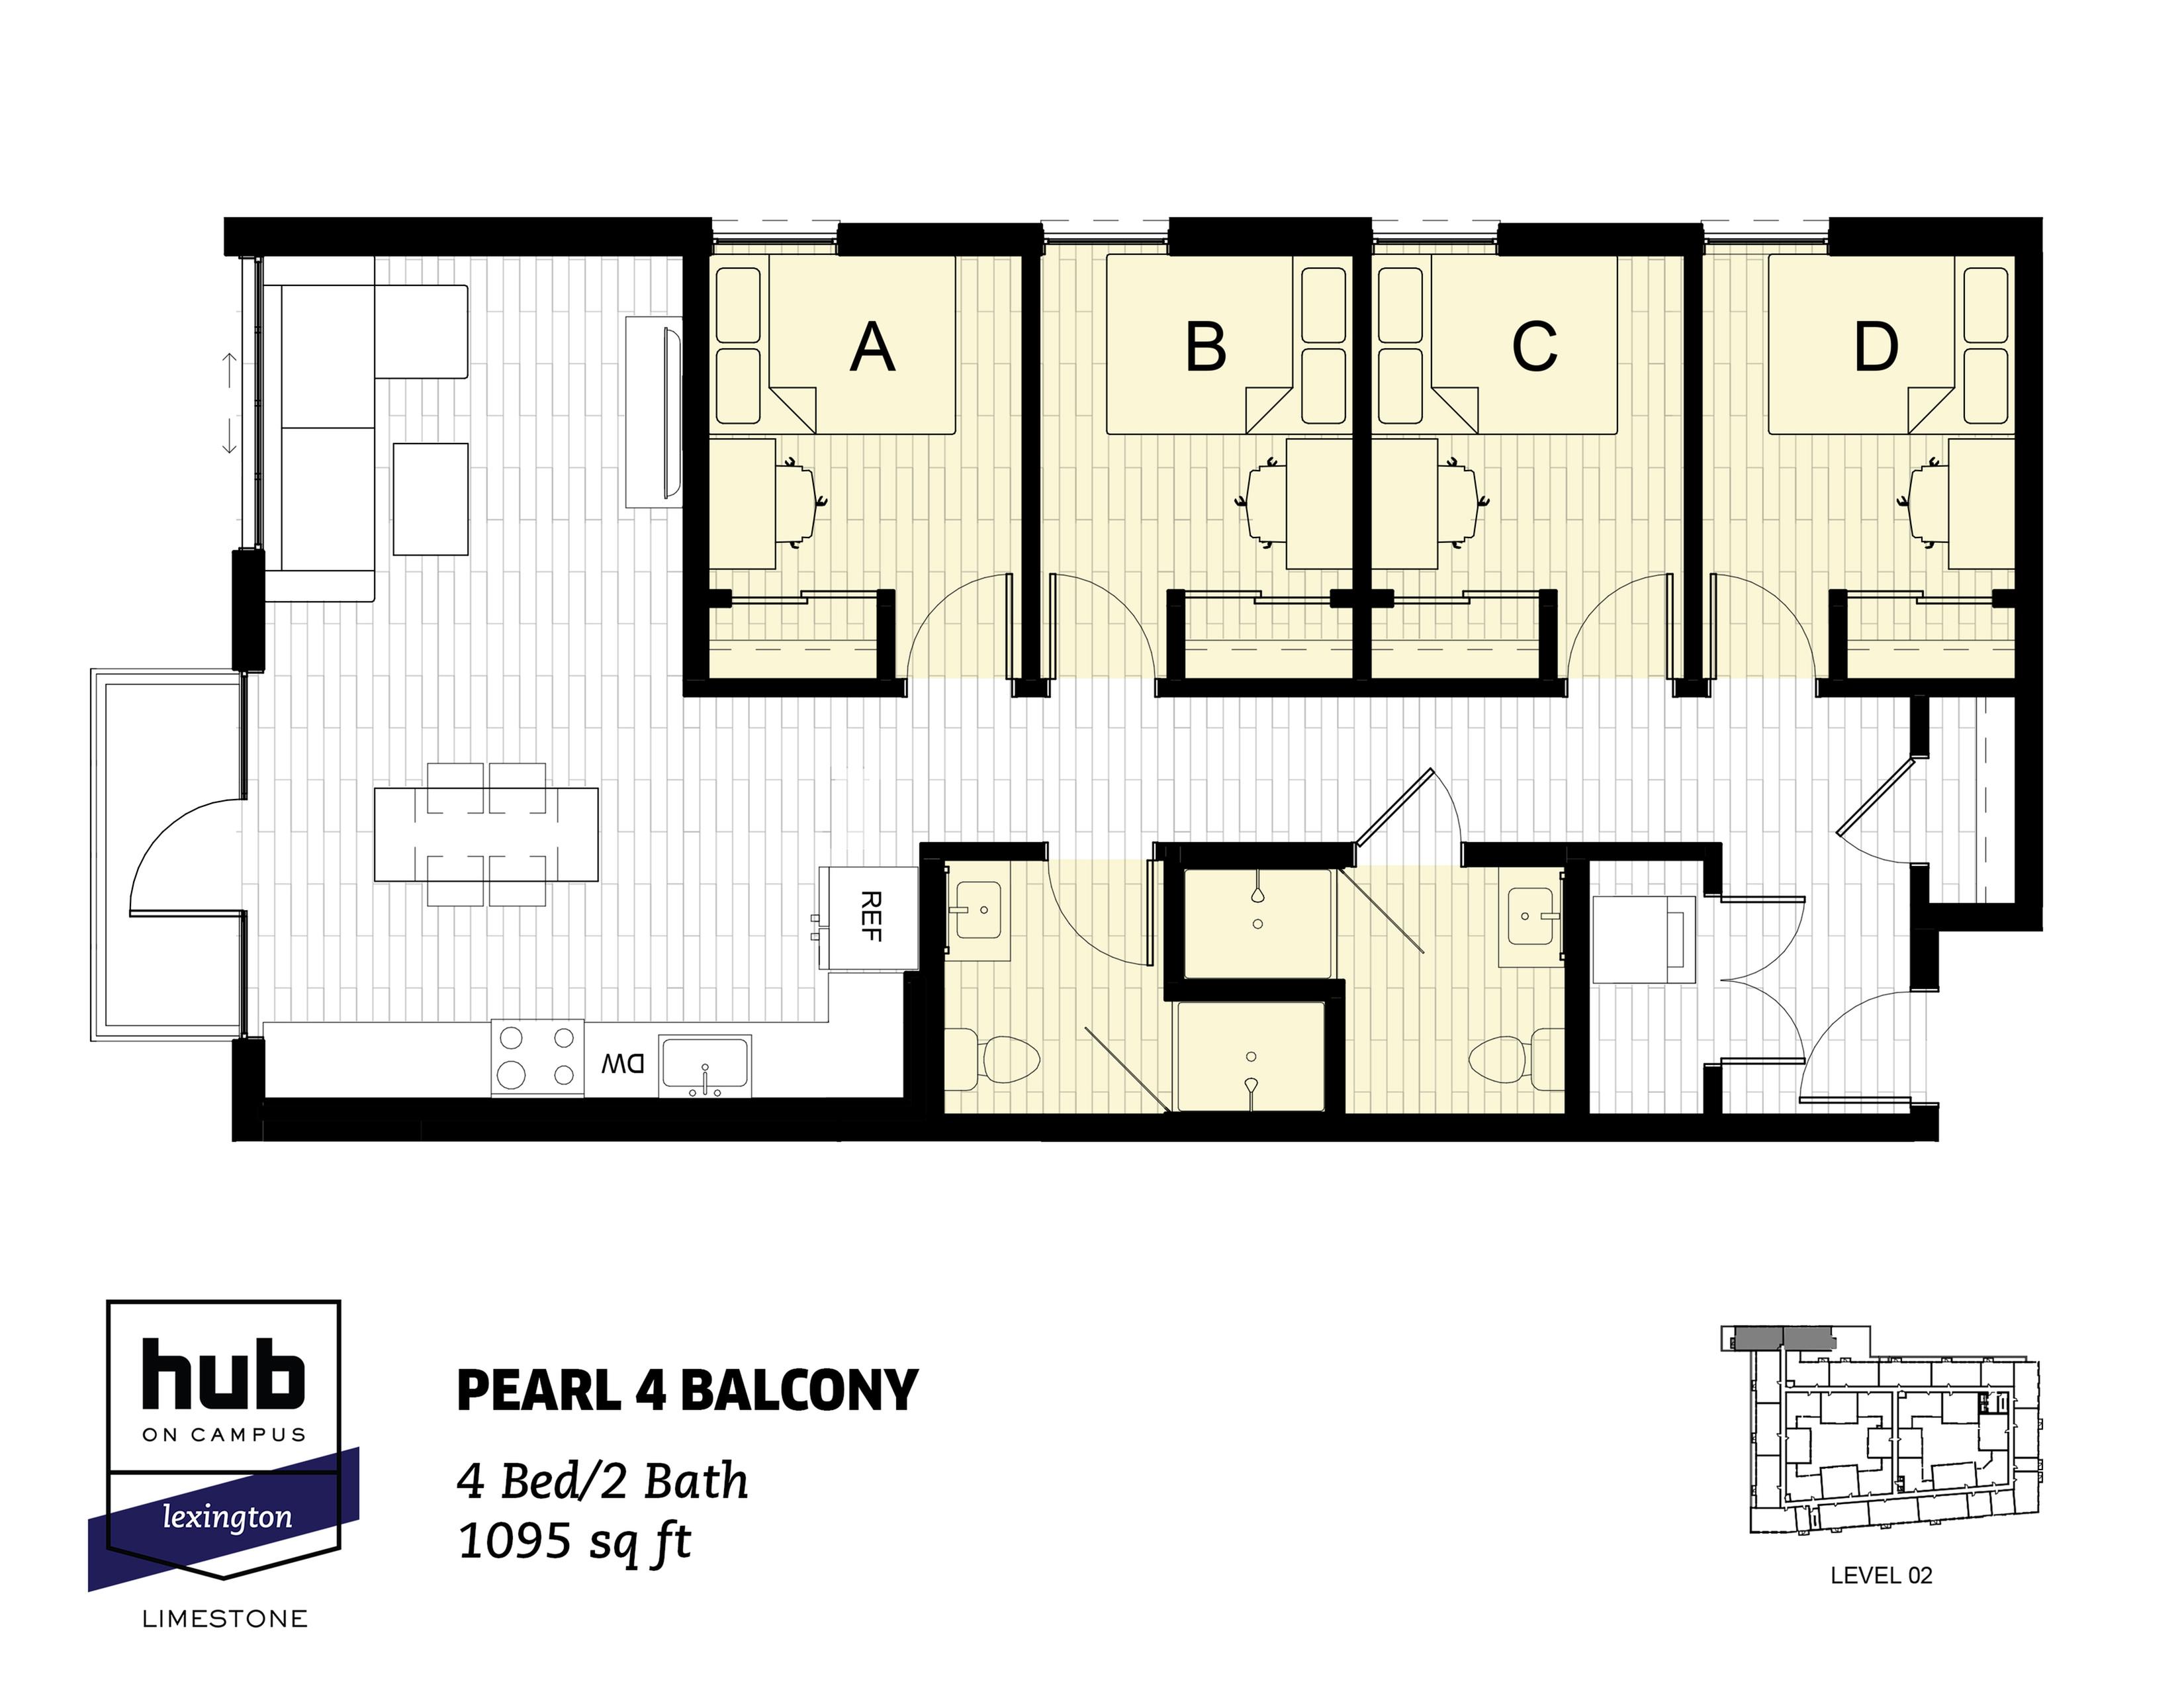 Pearl 4 Balcony